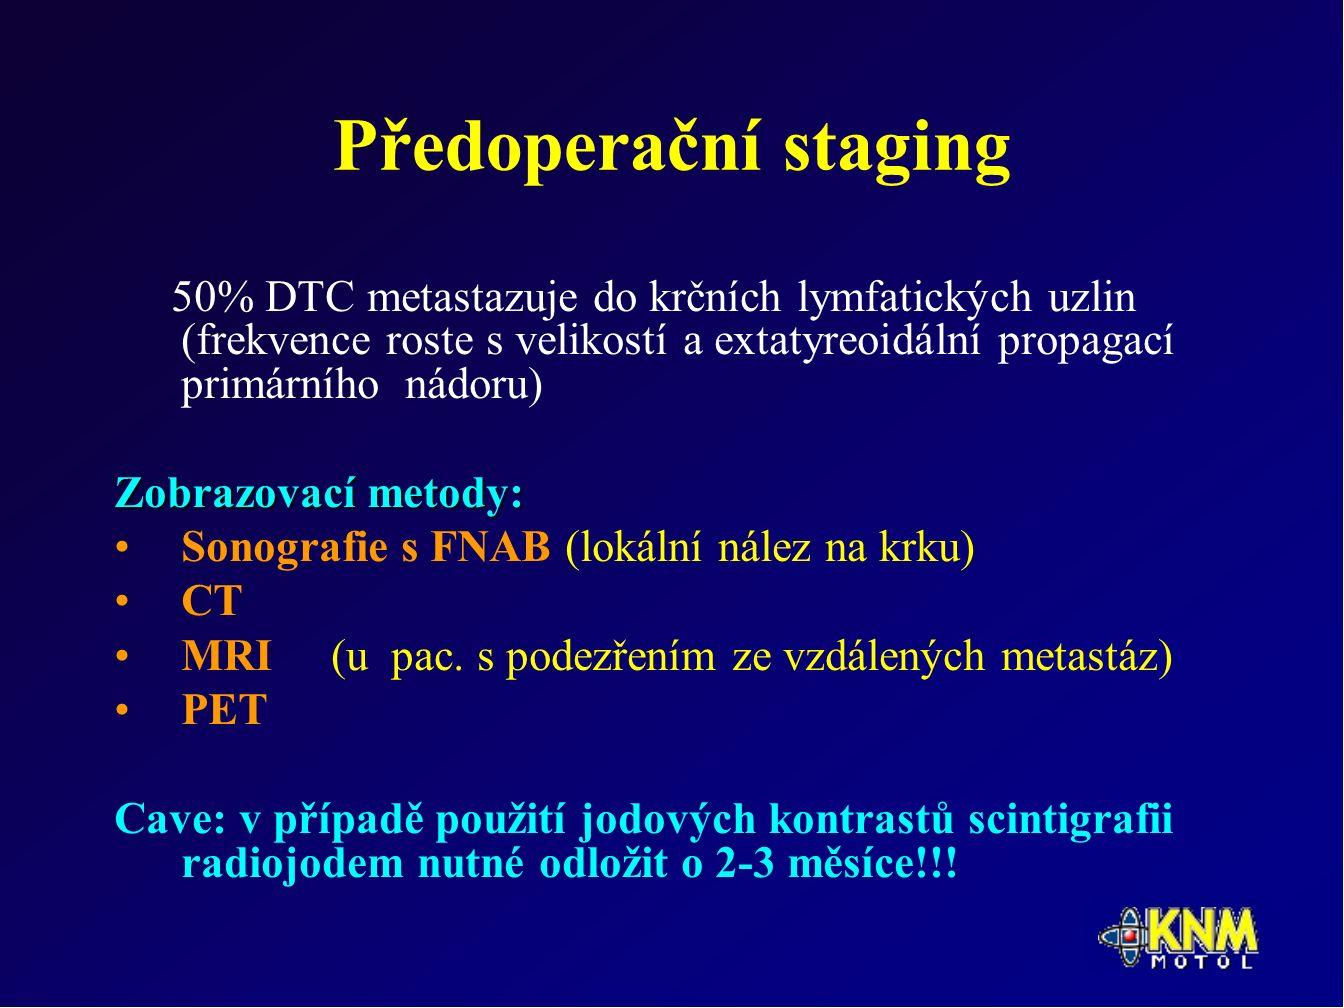 Předoperační staging 50% DTC metastazuje do krčních lymfatických uzlin (frekvence roste s velikostí a extatyreoidální propagací primárního nádoru) Zobrazovací metody: Sonografie s FNAB (lokální nález na krku) CT MRI (u pac.